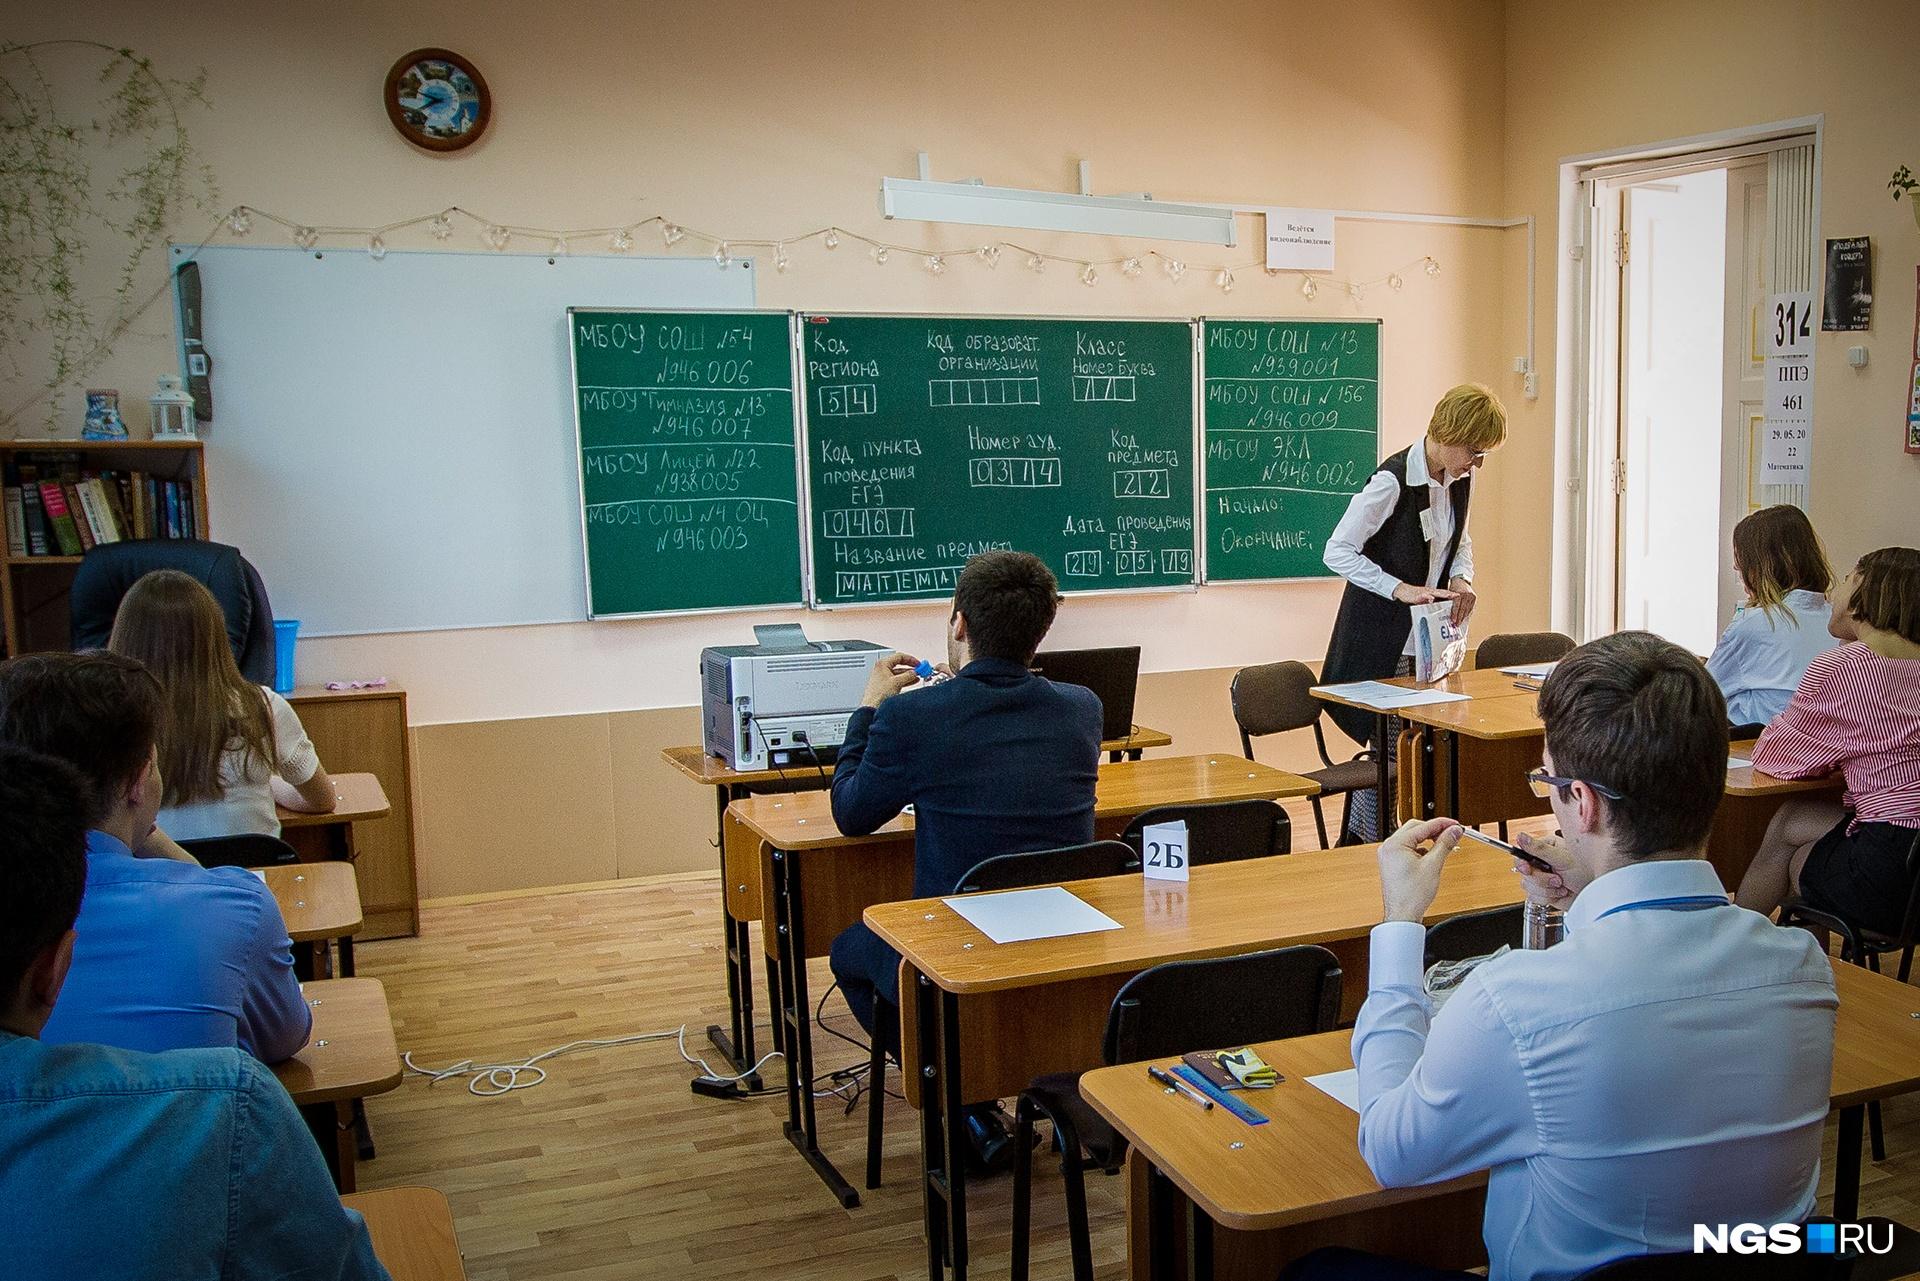 Главное на экзамене — сосредоточиться на заданиях